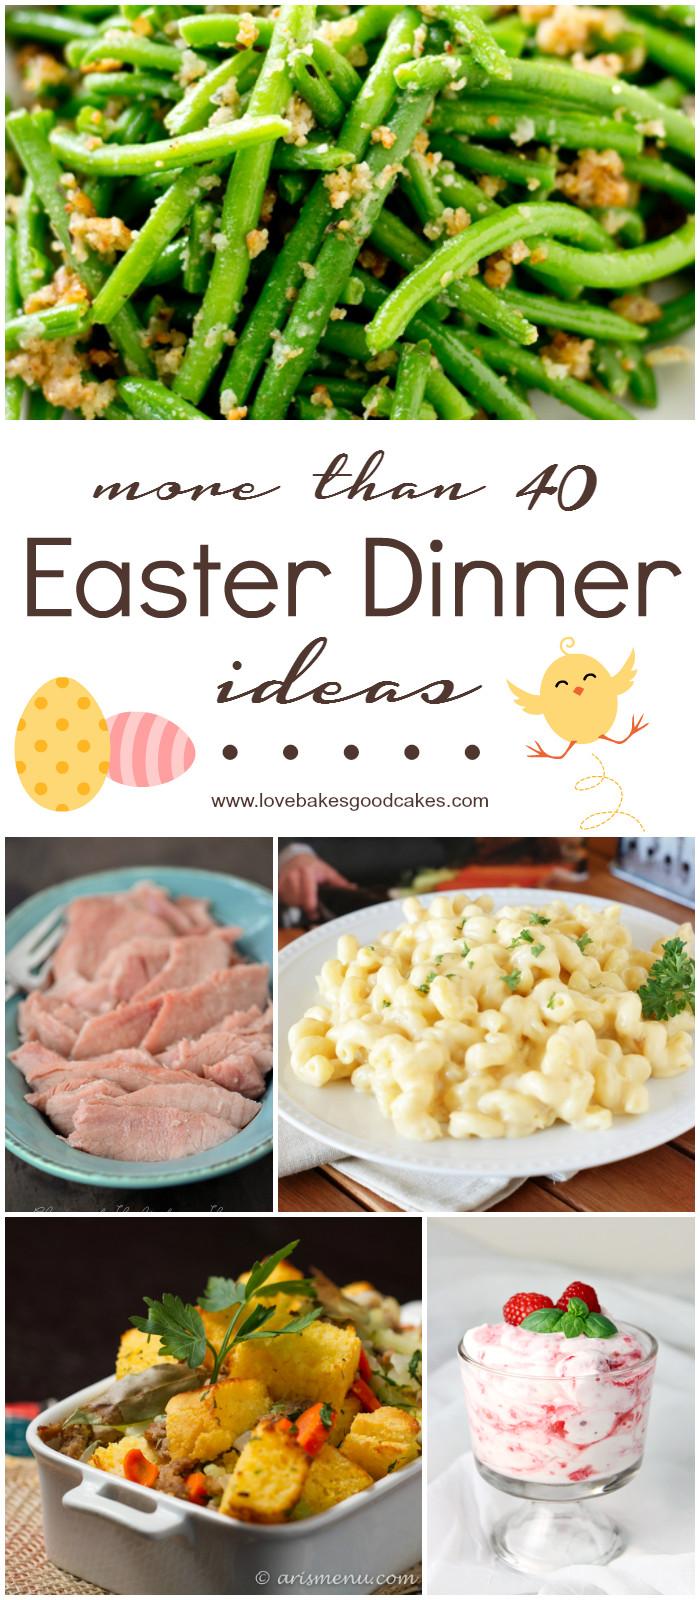 Easter Dinner Meal Ideas  More than 40 Easter Dinner Ideas